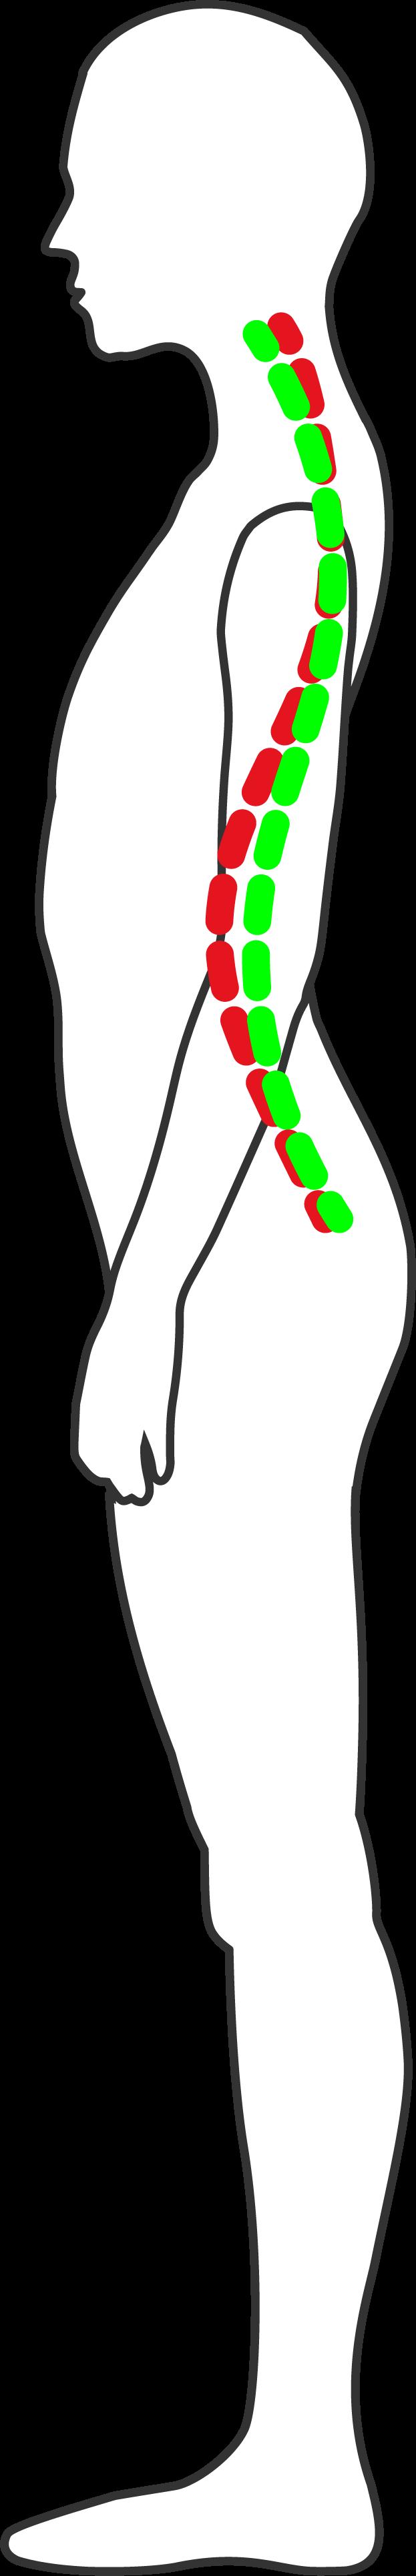 Spine Image